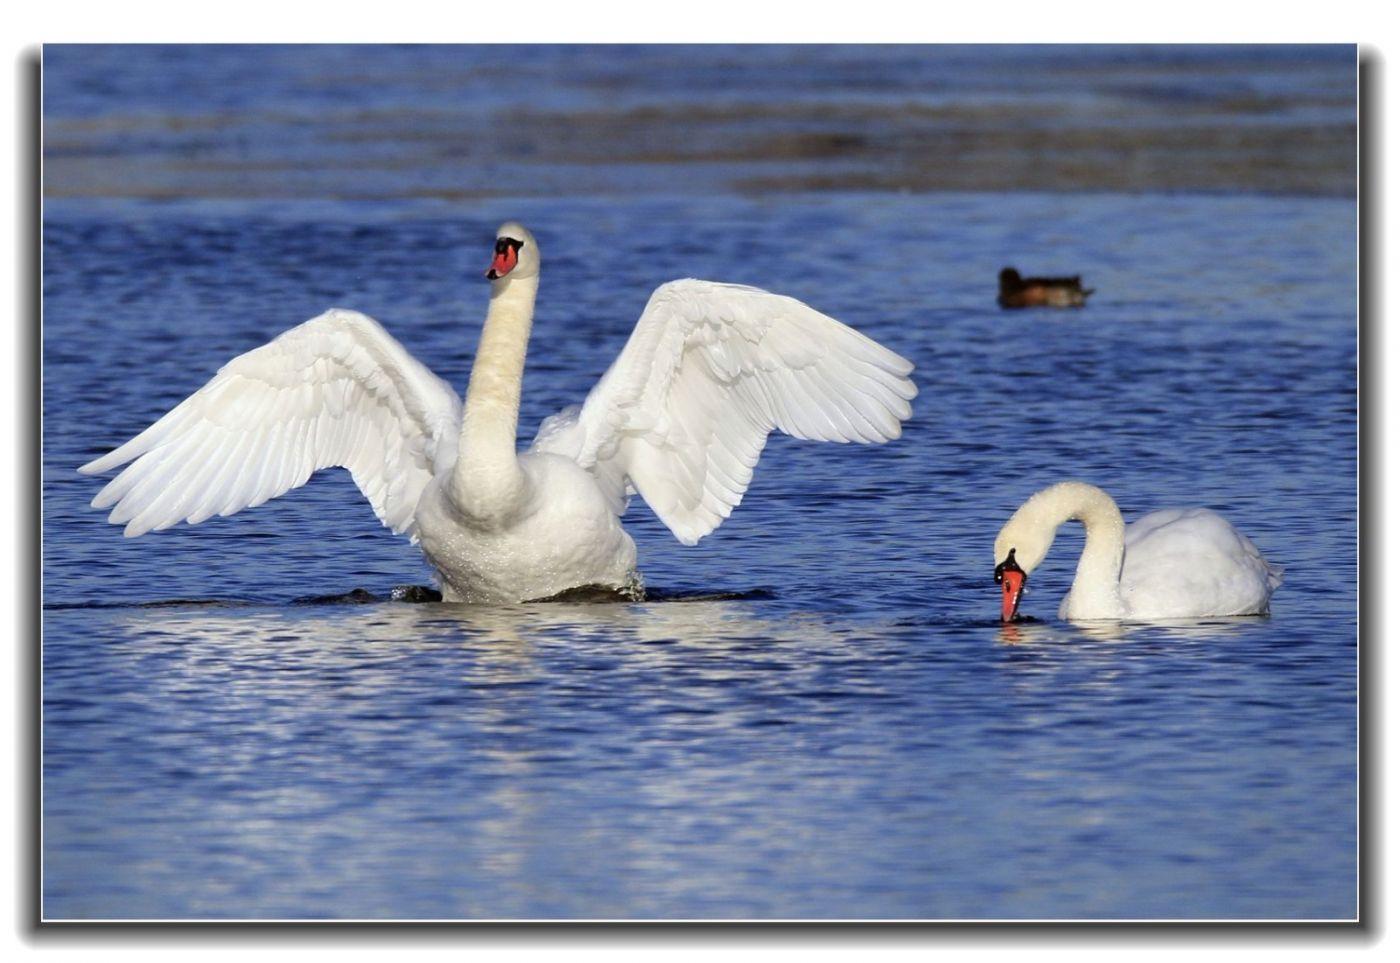 牙买加野生动物保护区拍天鹅及水鸟_图1-10